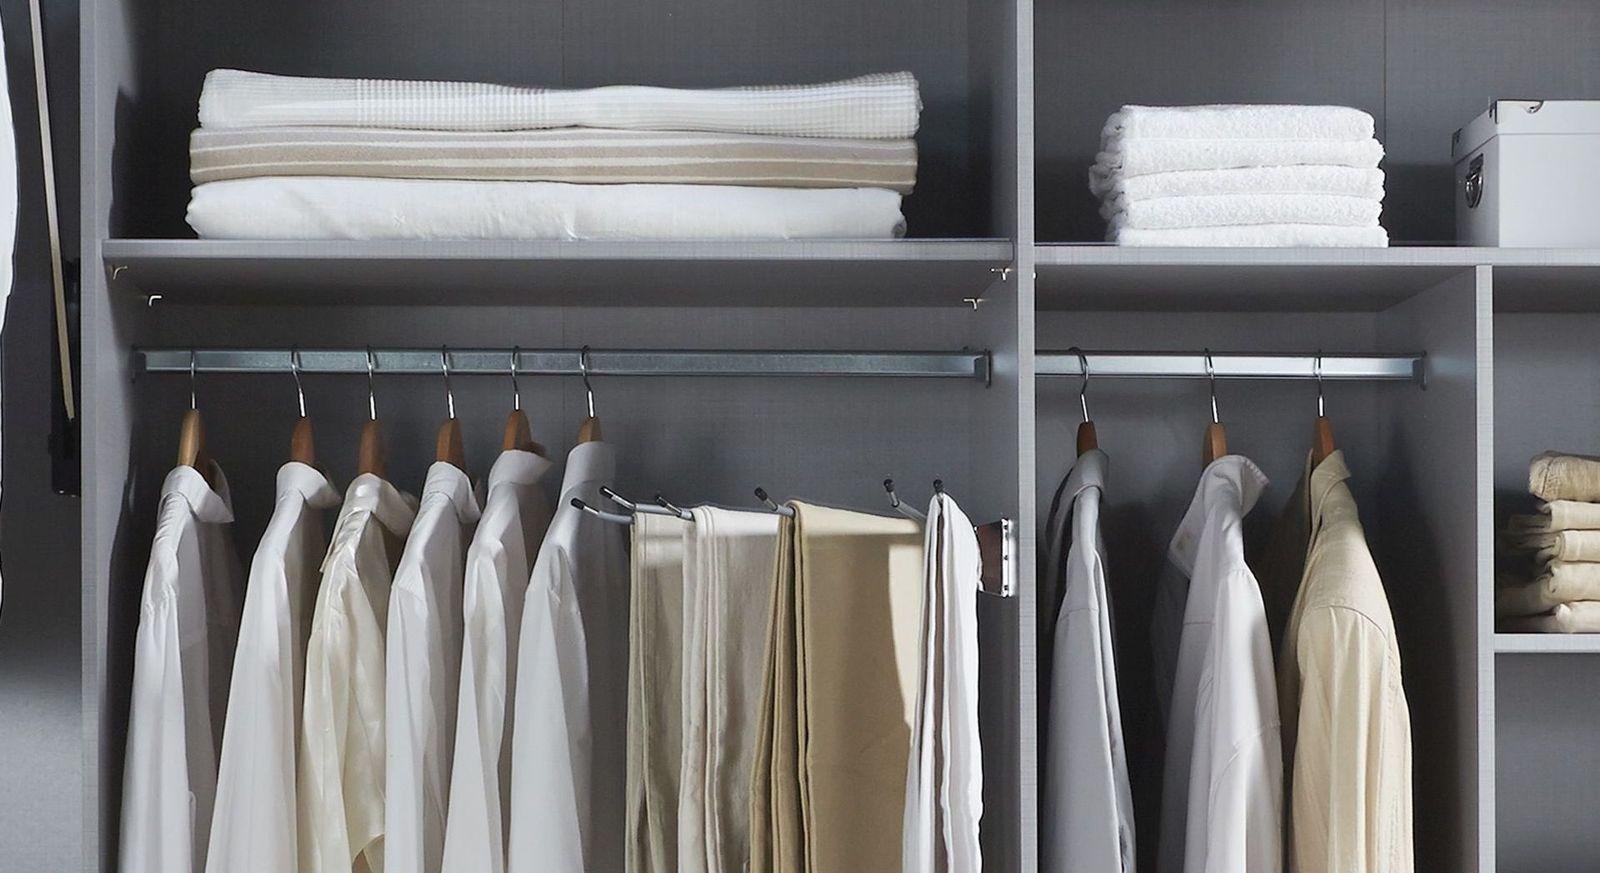 Kleiderstange in unterschiedlichen Breiten der Zusatzausstattung & Beleuchtung für Kleiderschränke